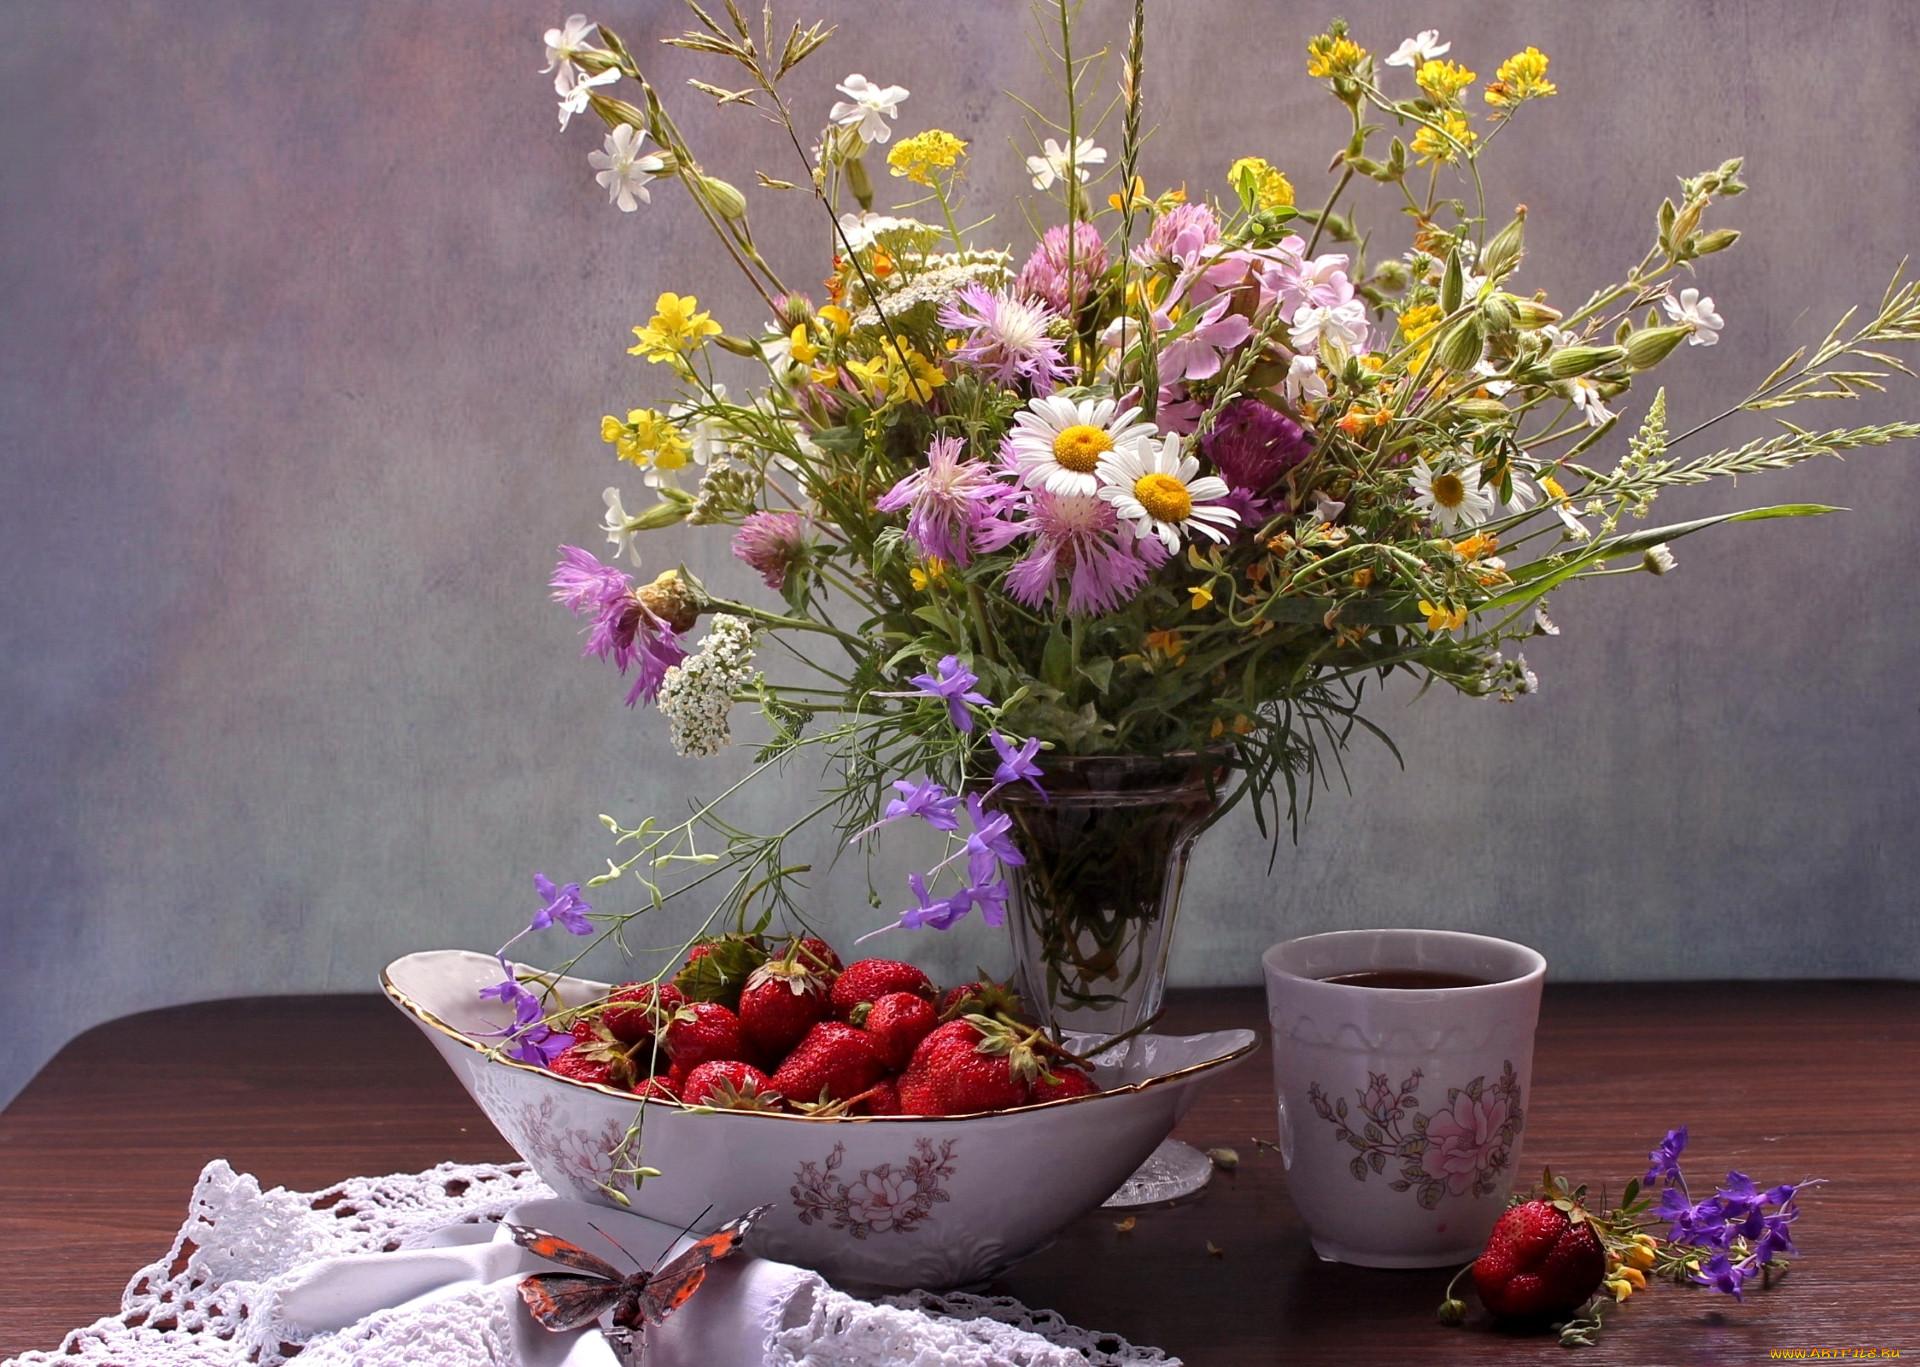 устала картинки с полевыми цветами и ягодами начале